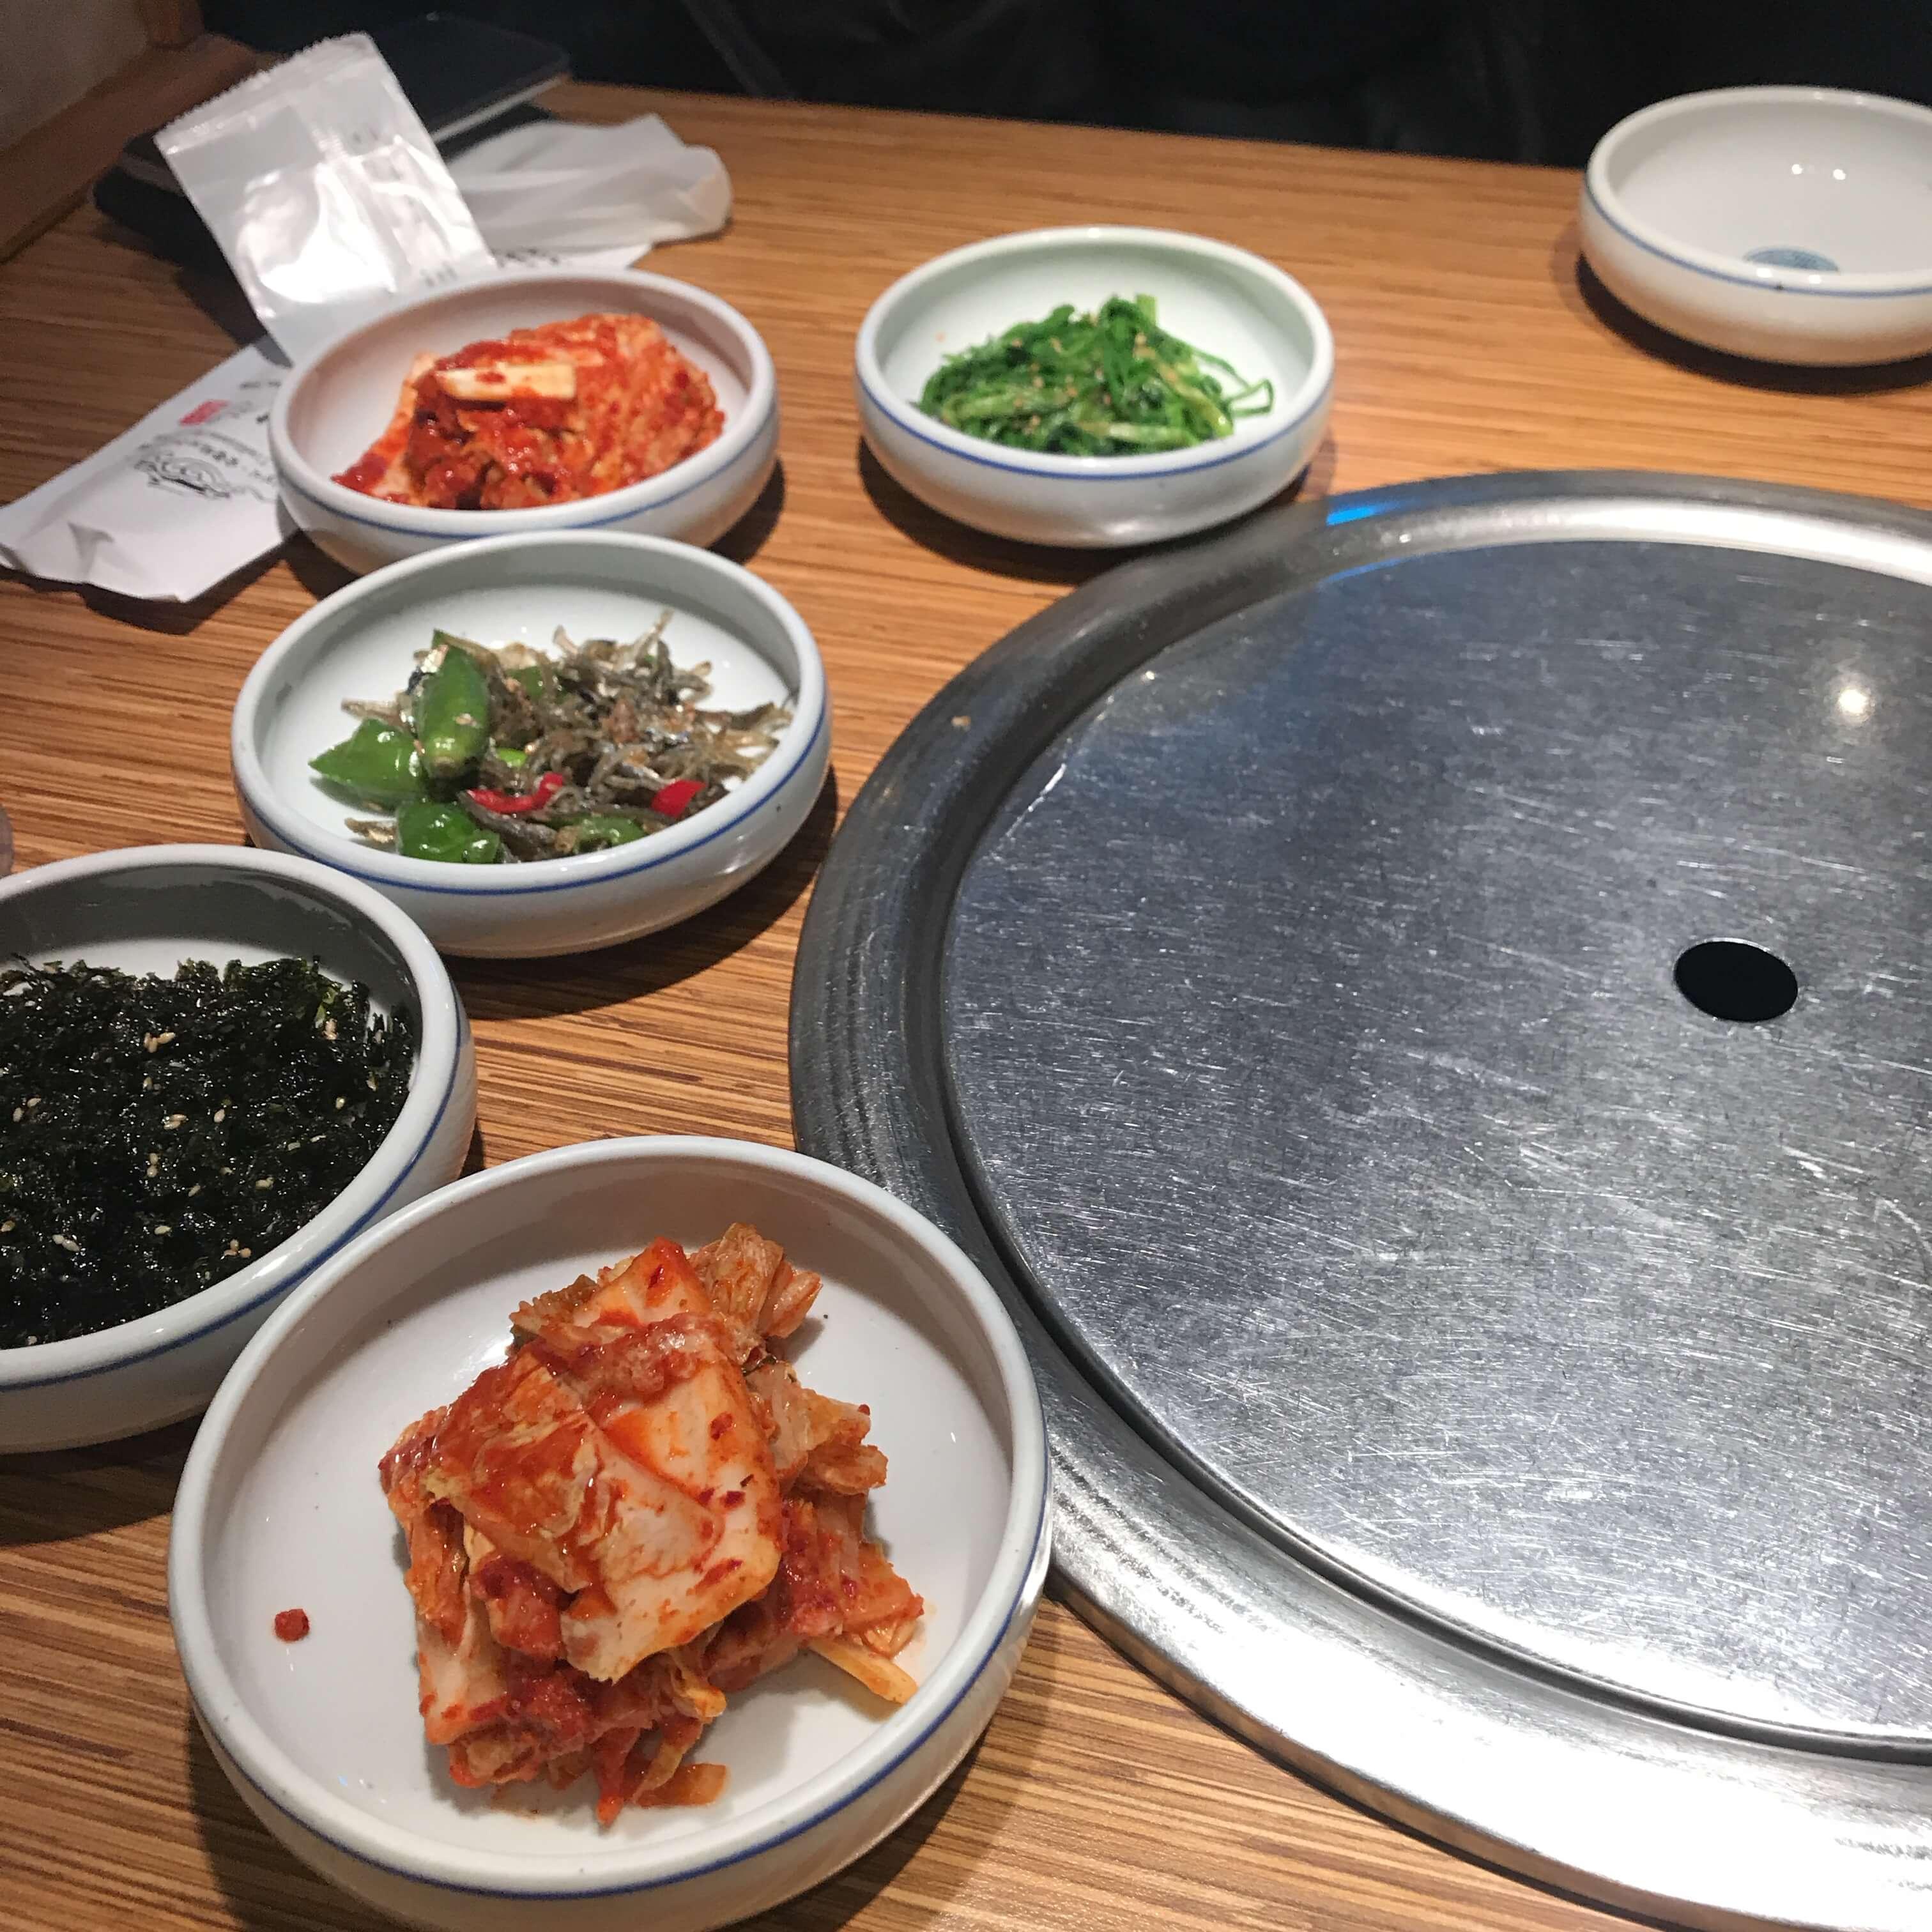 韓国 焼肉 ランチ おすすめ 王妃家 1